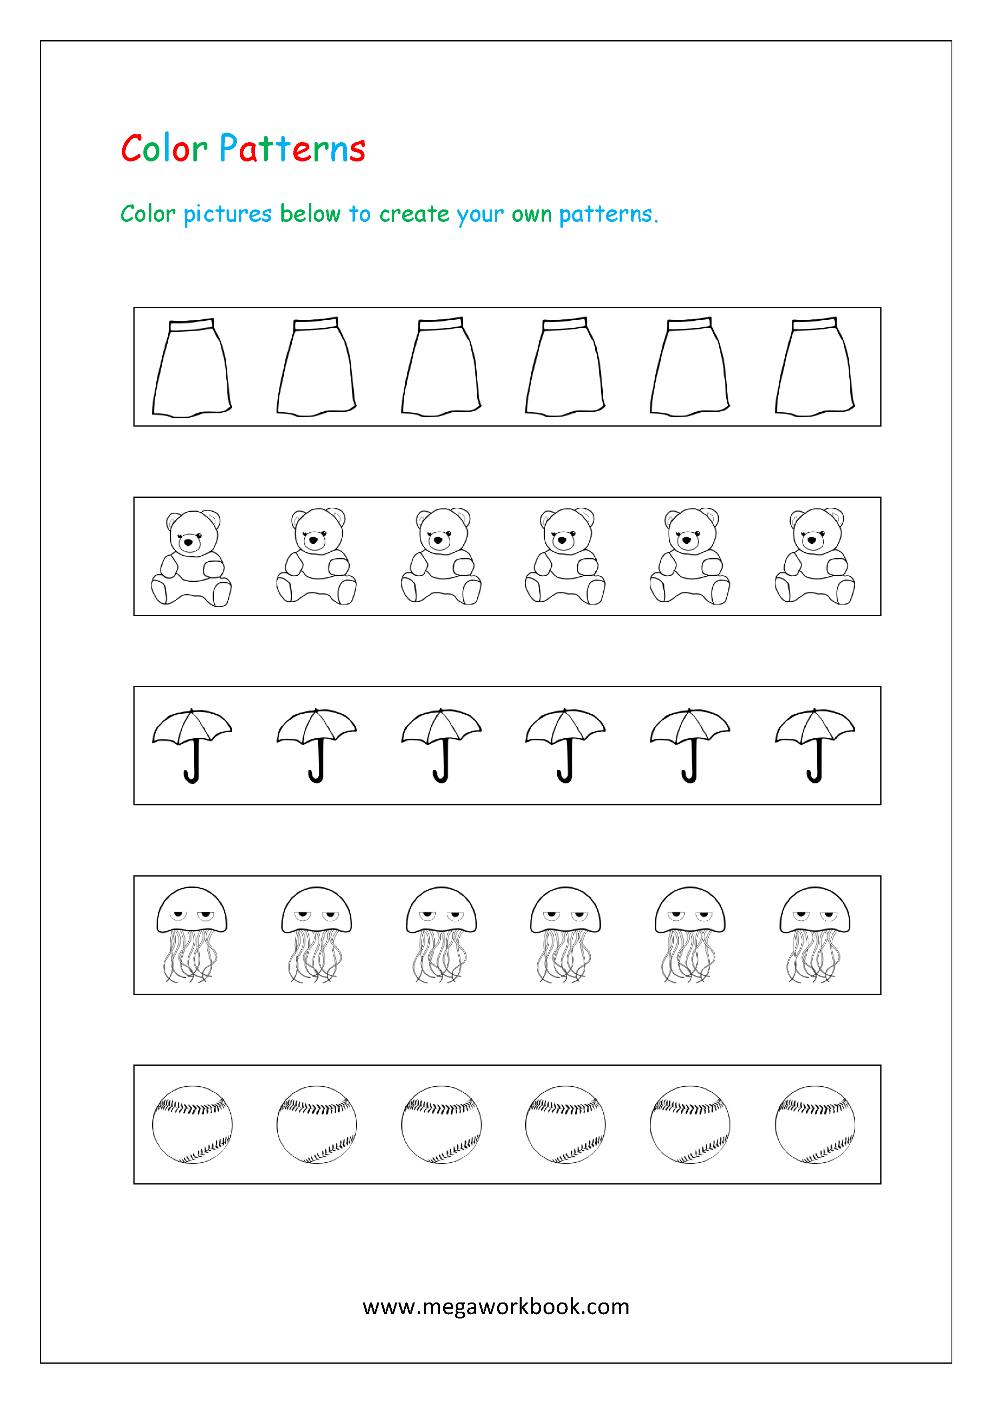 - Pattern Worksheets For Kindergarten - Color Patterns - Growing